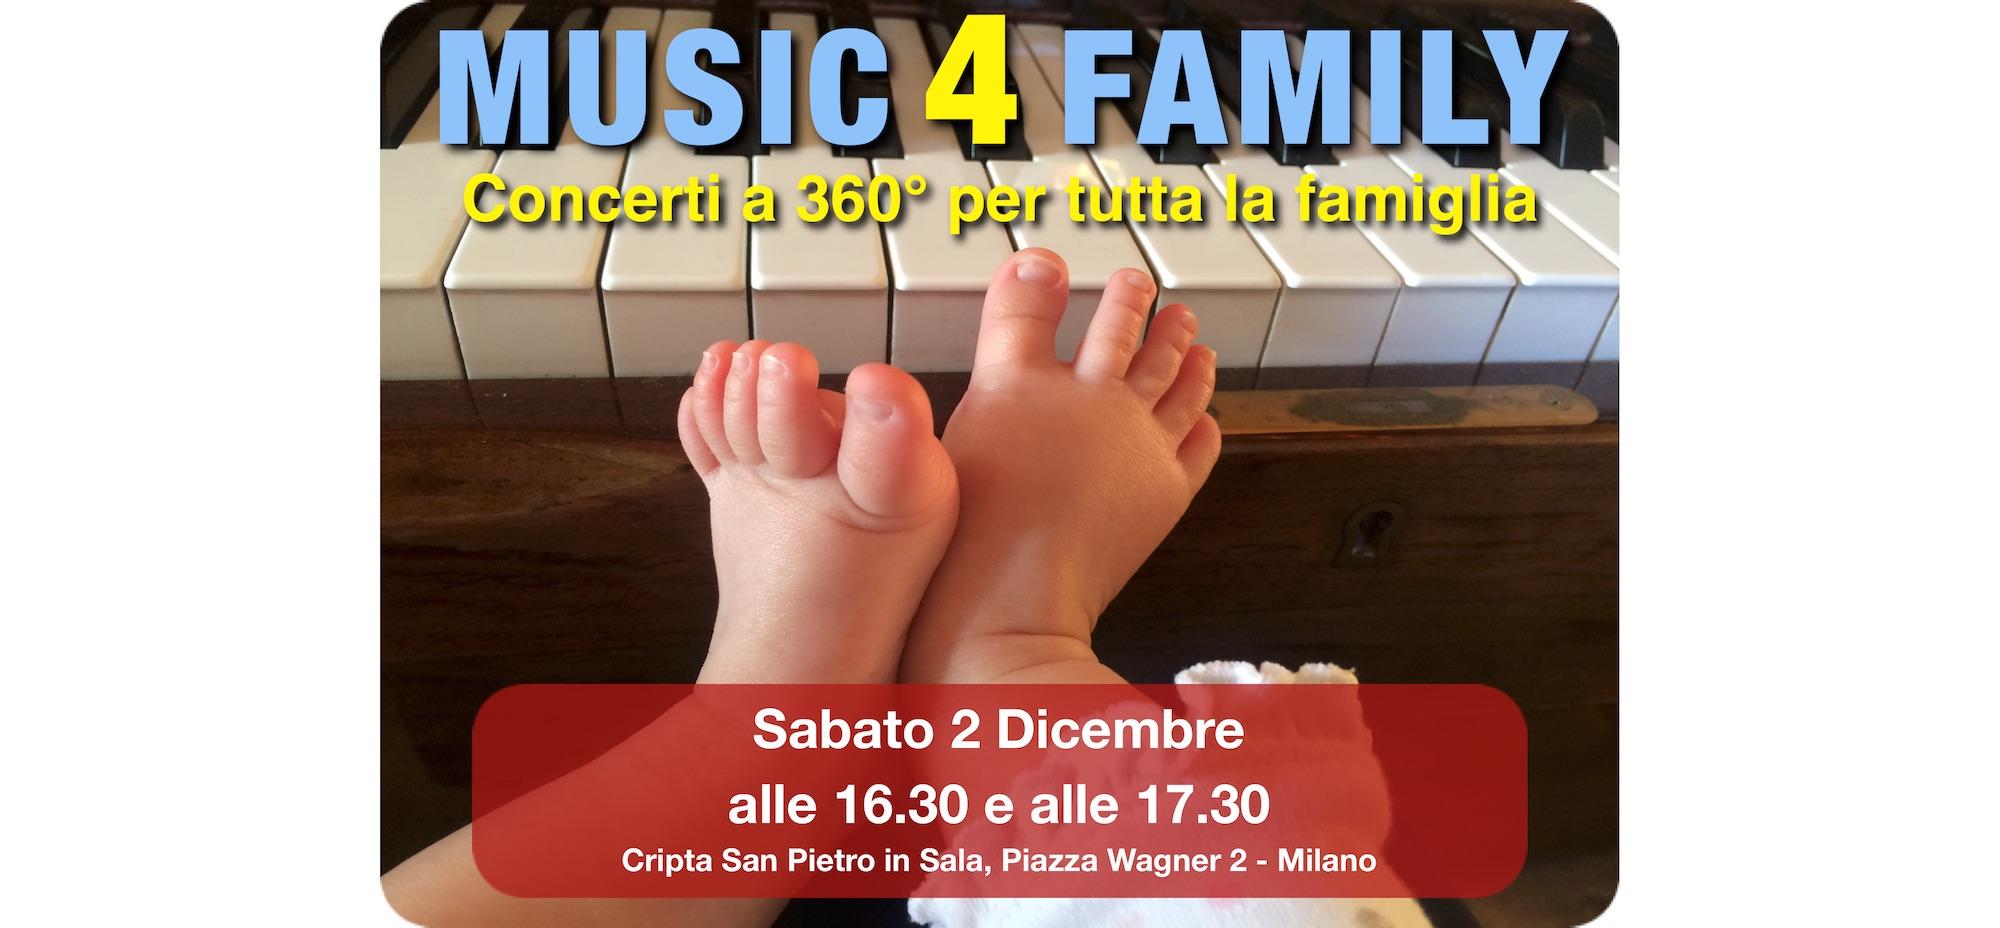 Sabato 2 dicembre • MUSIC4FAMILY 360°